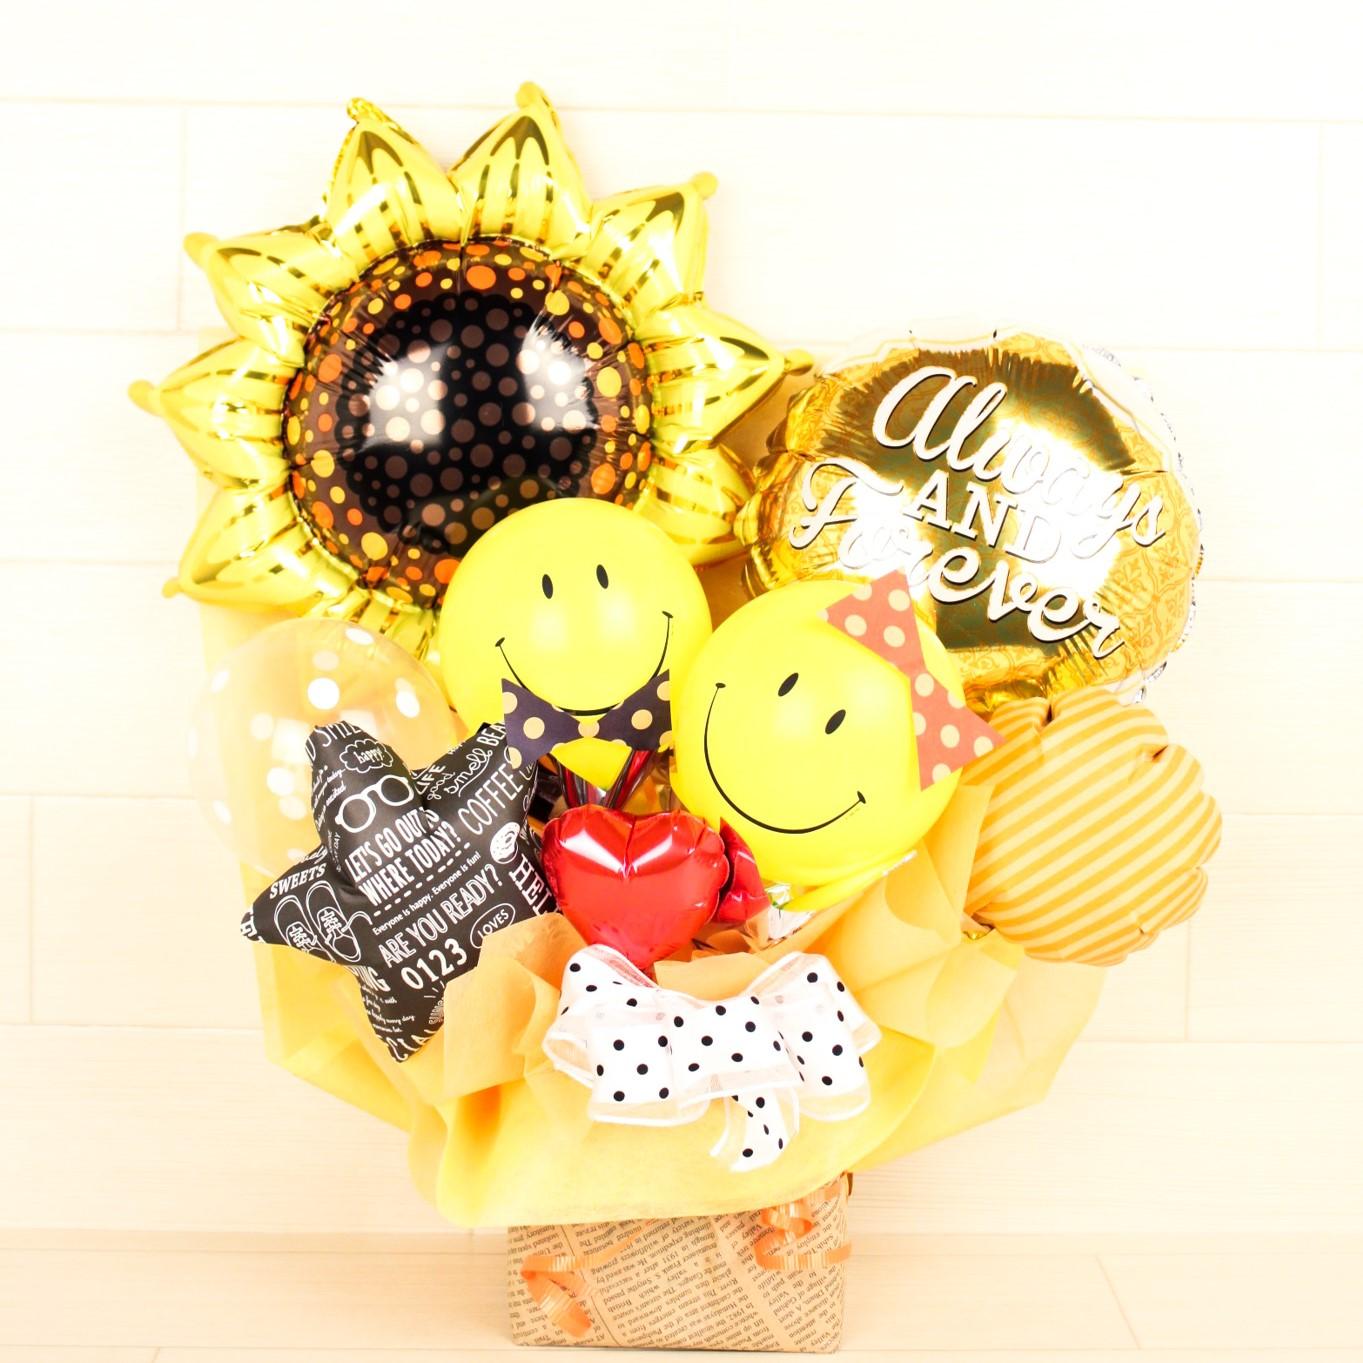 結婚式バルーン電報 「サンシャインロマンス、ひまわりとまぶしすぎるお2人にバルーンアレンジ、結婚式のお祝いに大人気)」 wd0068